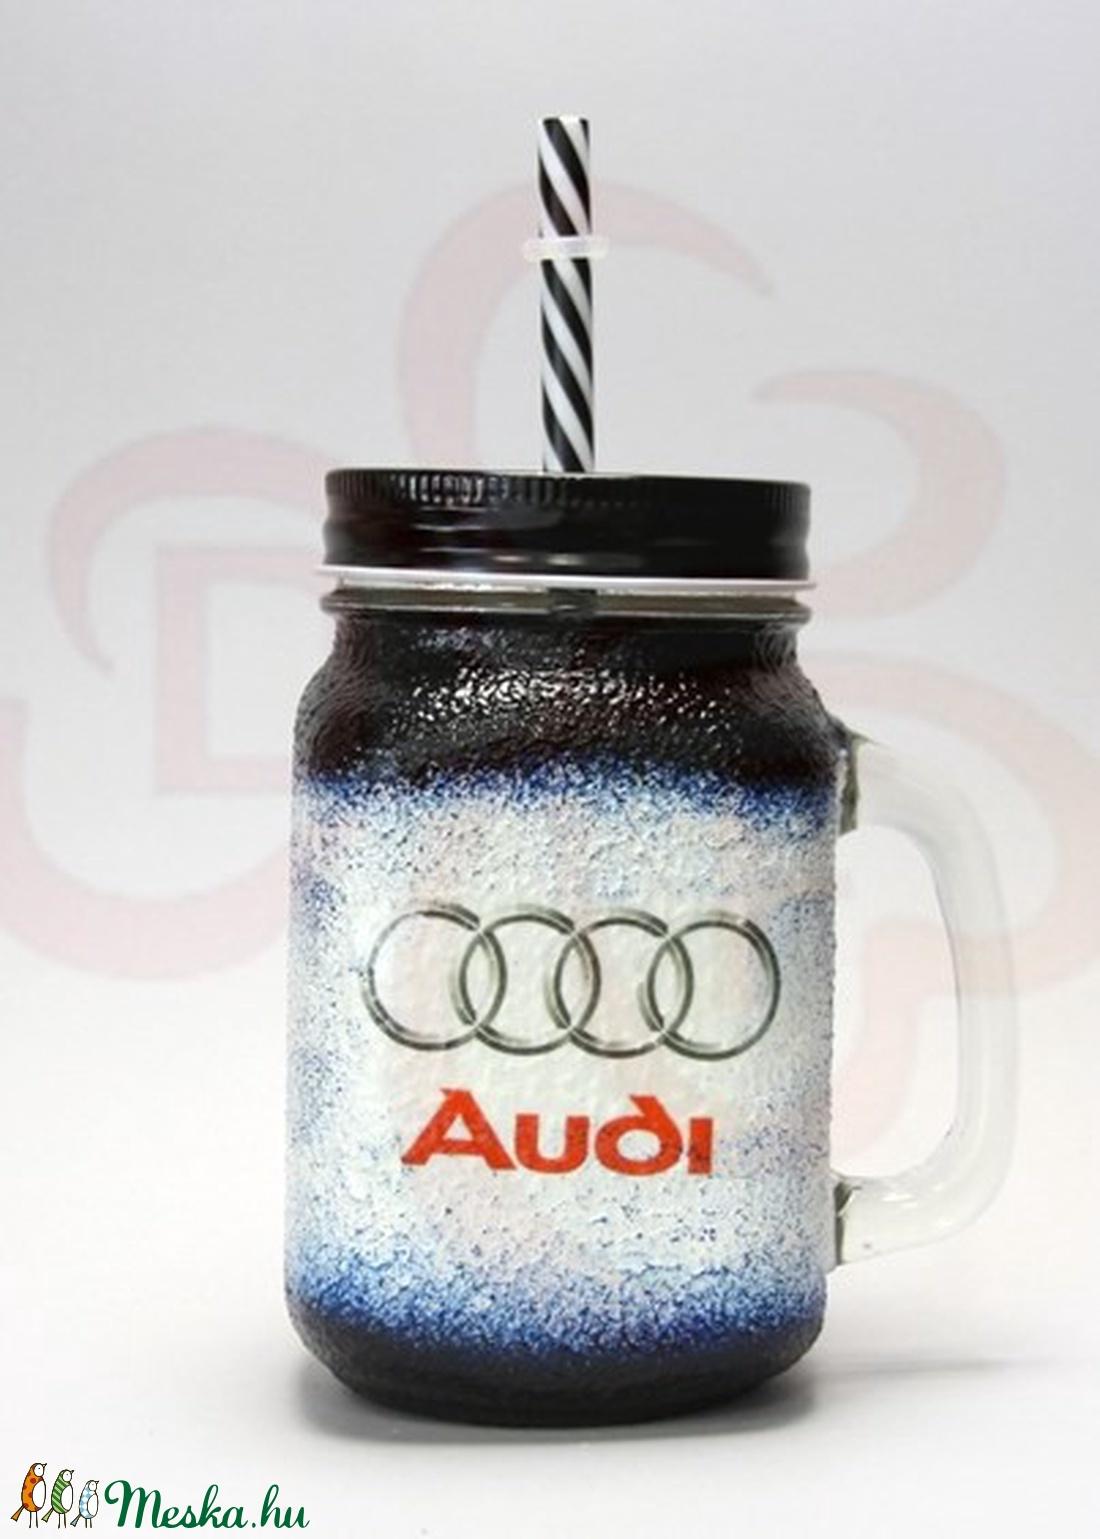 Audi üdítős pohár audi rajongóknak - Meska.hu